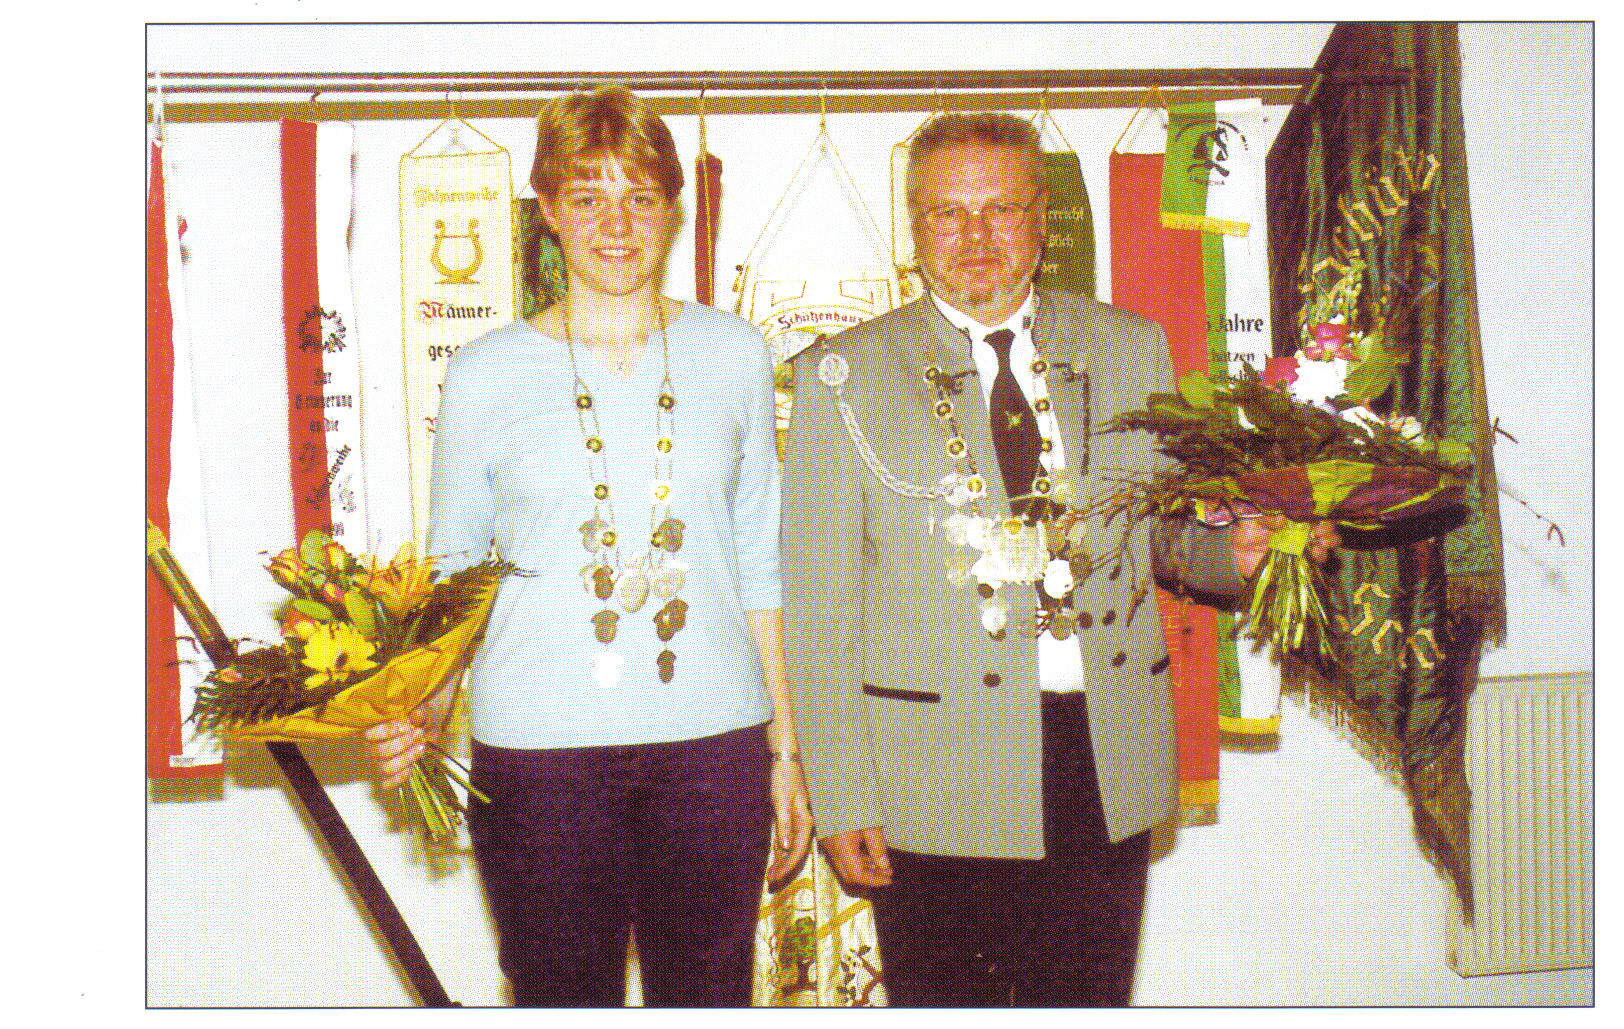 Schützenkönig 2003: Wilfried Rienecker (1.0) Jungschützenköniging: Tina Petersen